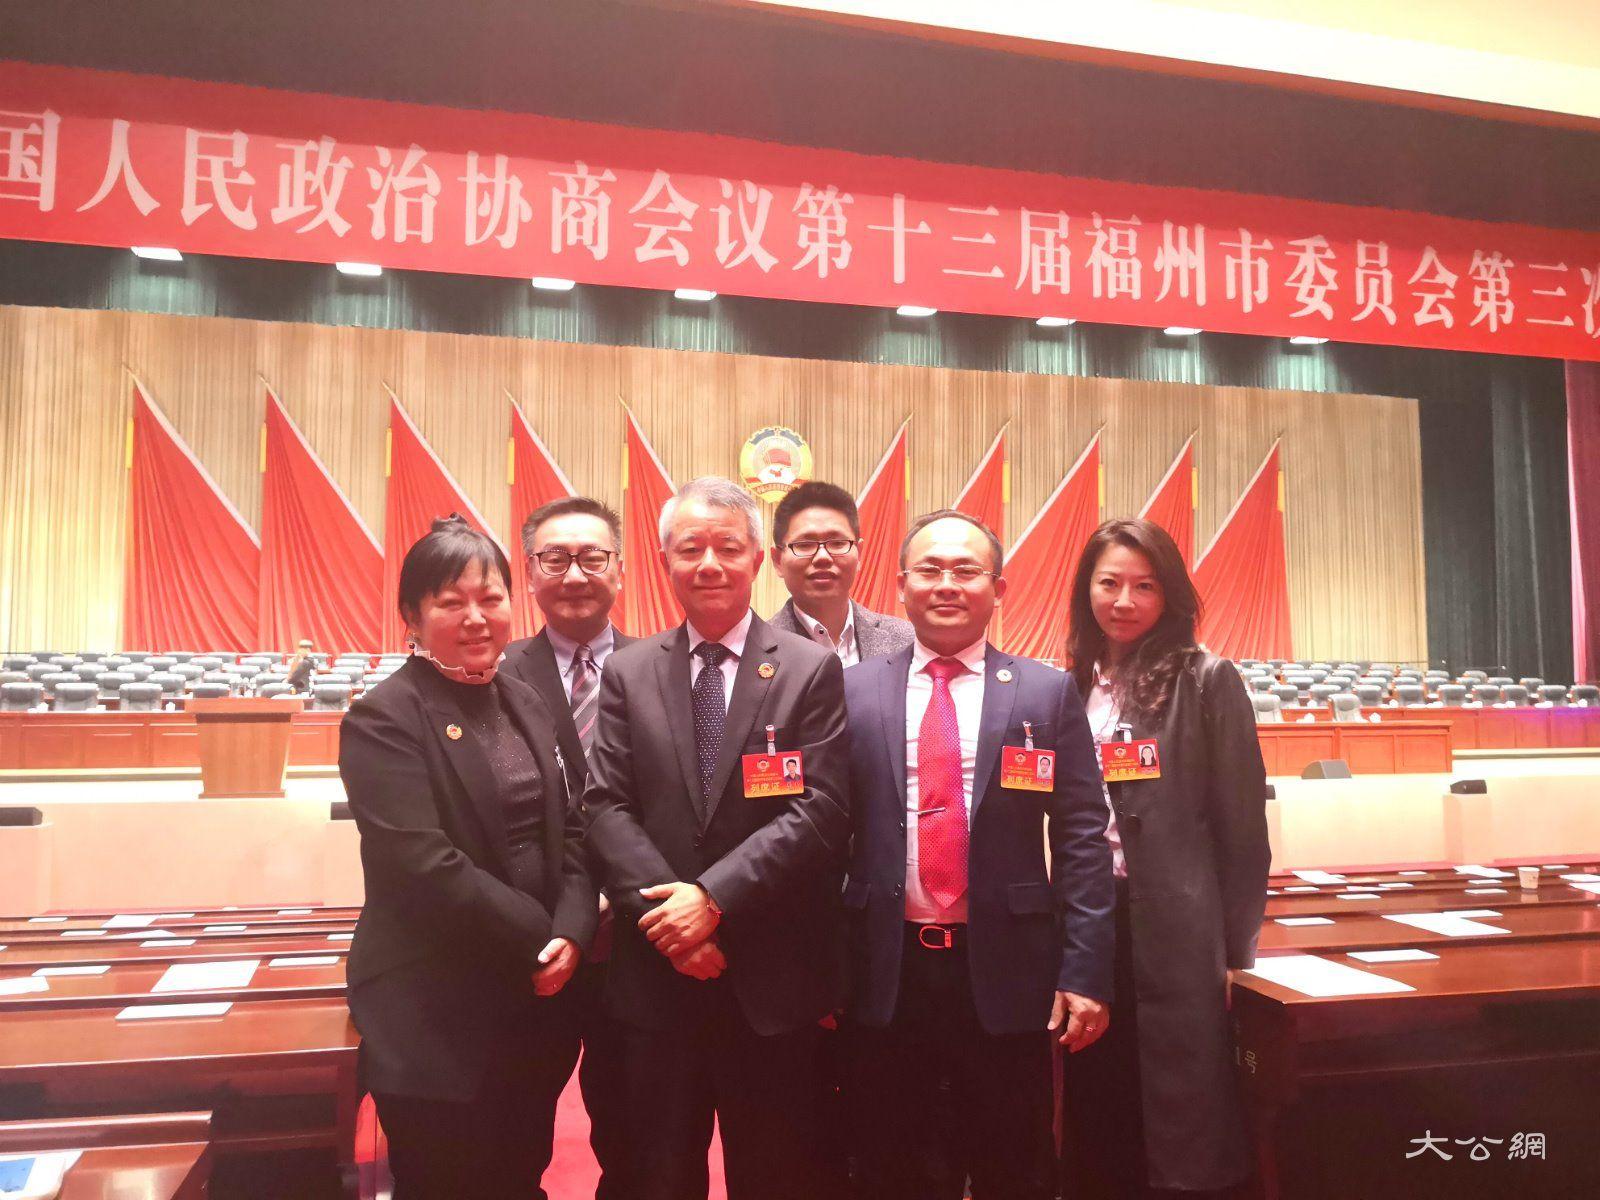 台胞列席福州市政协会议 关注新福州建设